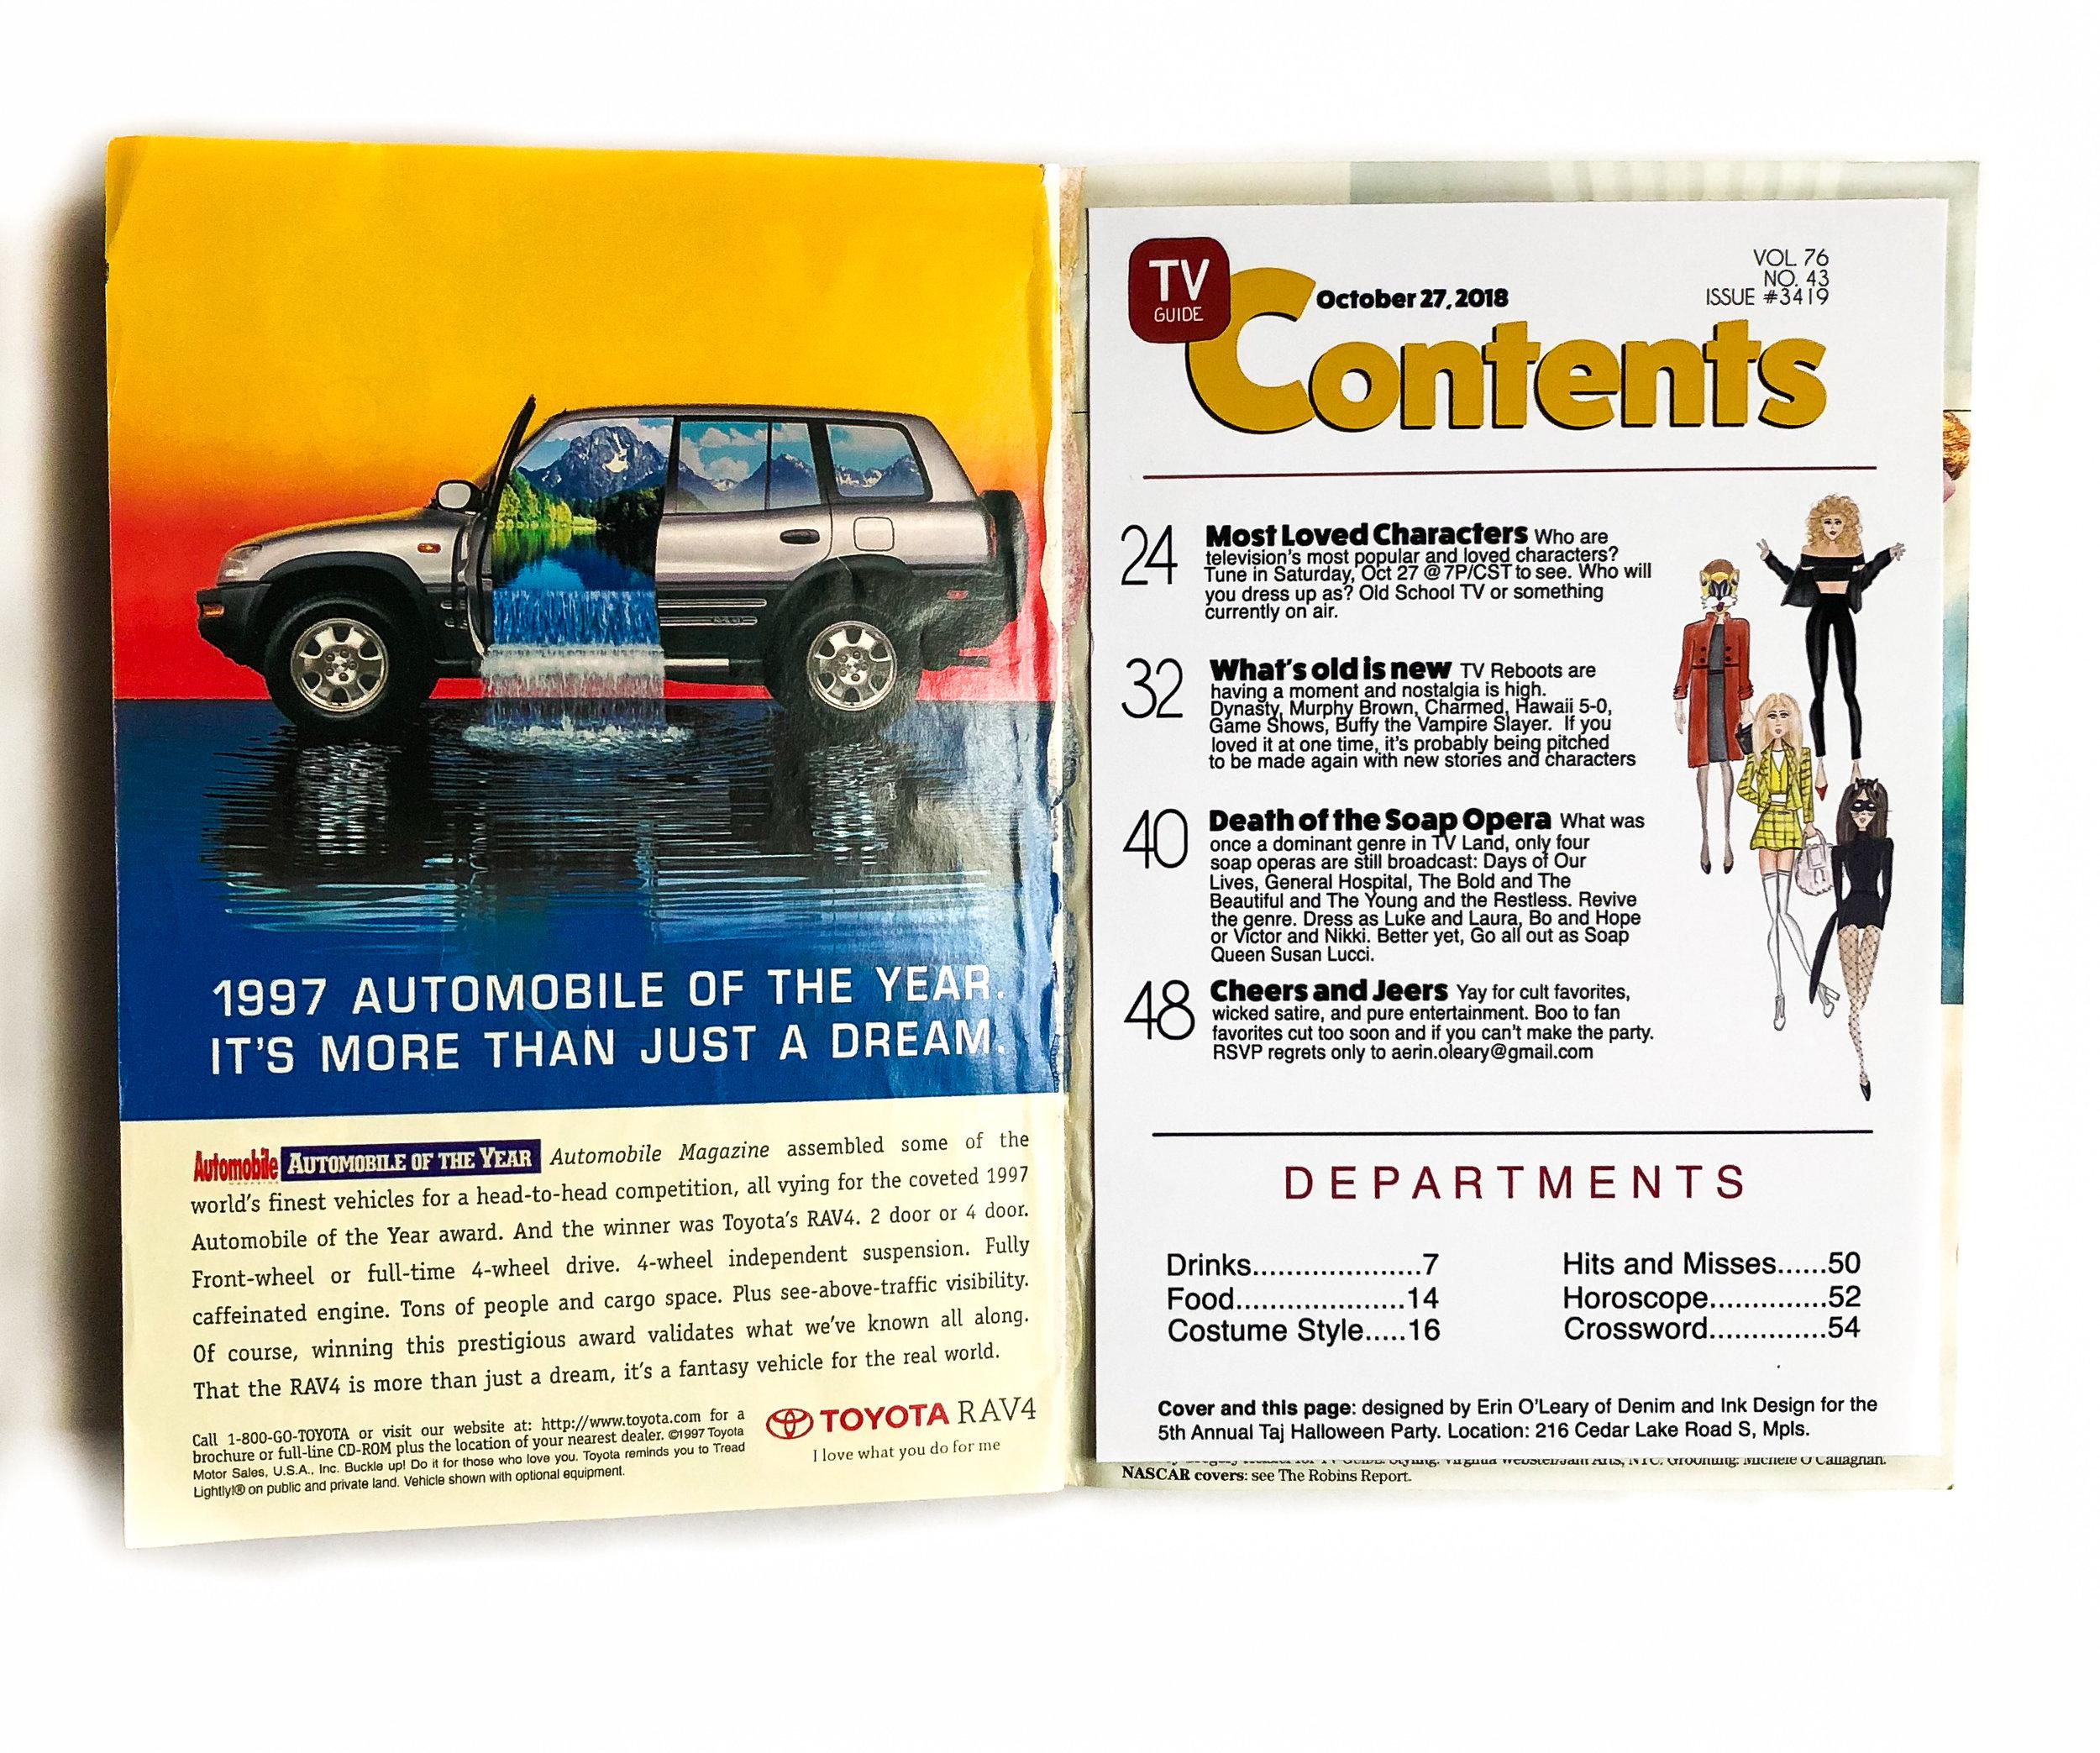 TV Guide Invitation Contents